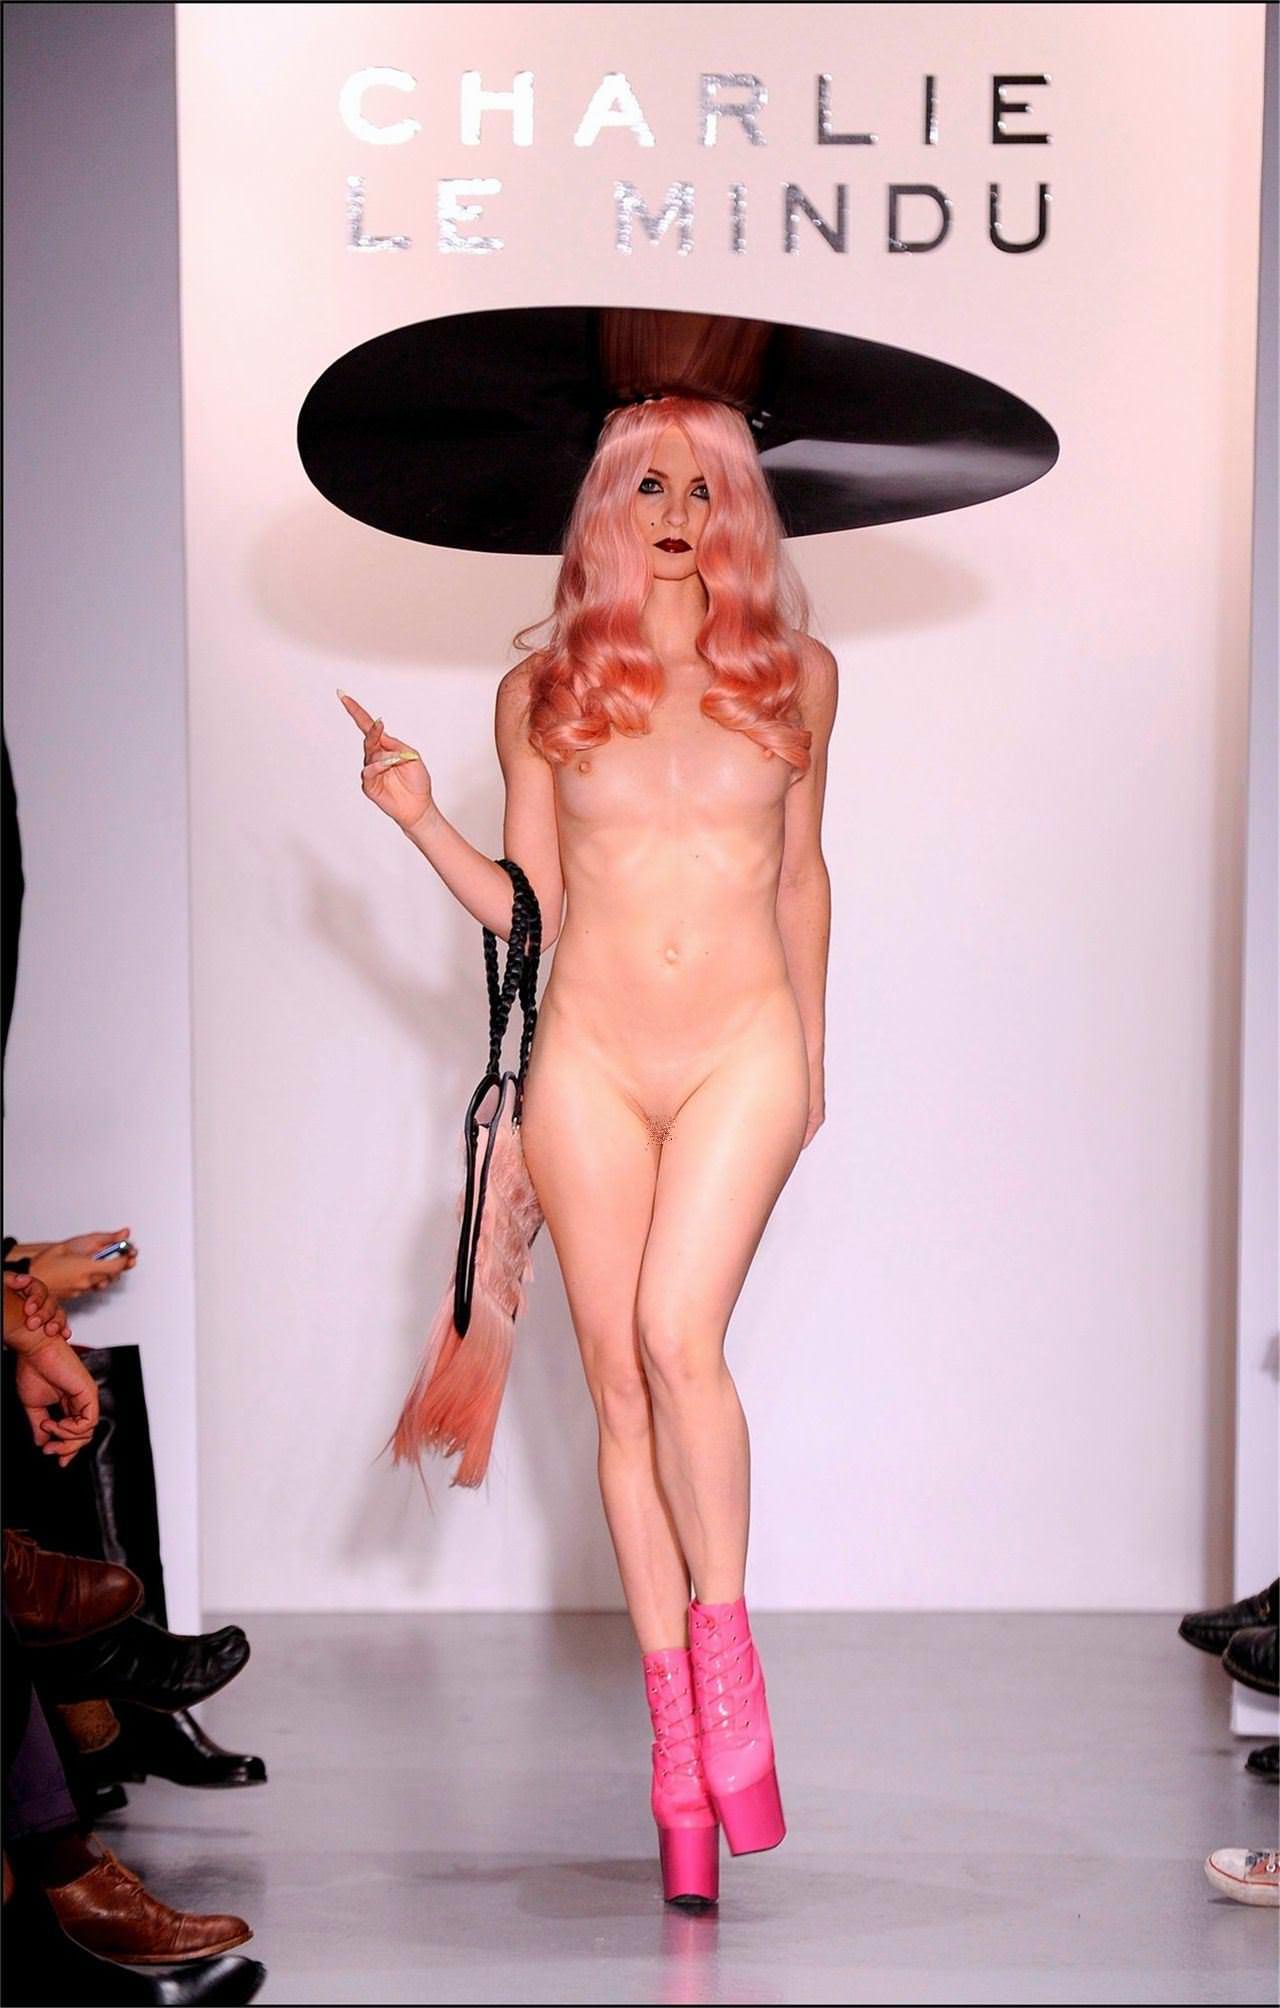 【外人】スーパーモデルがファッションショーで美乳首見せちゃってるおっぱいポルノ画像 463